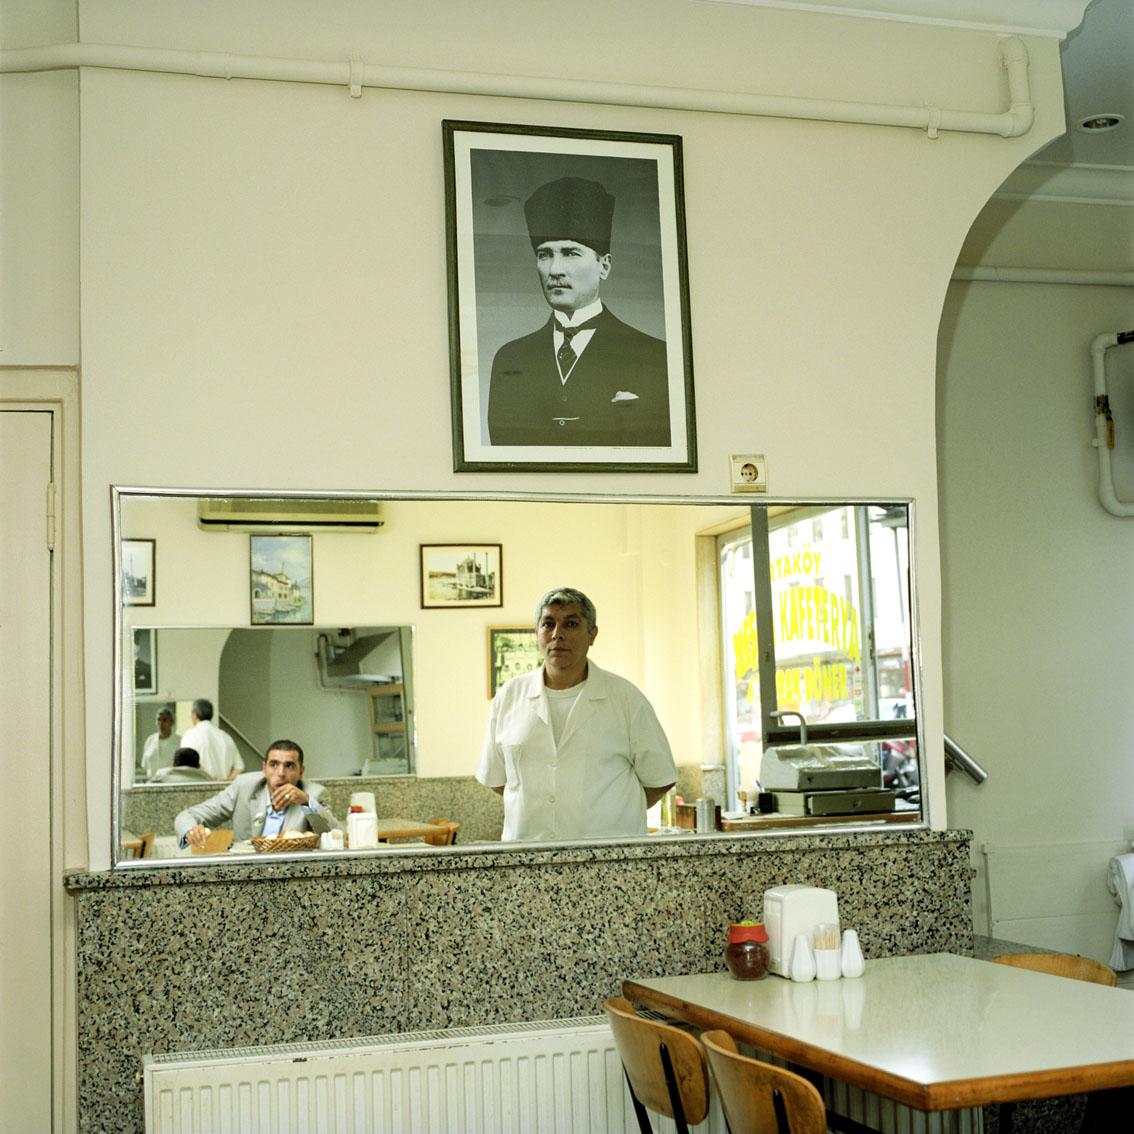 Restaurant owner in Istanbul, Turkey